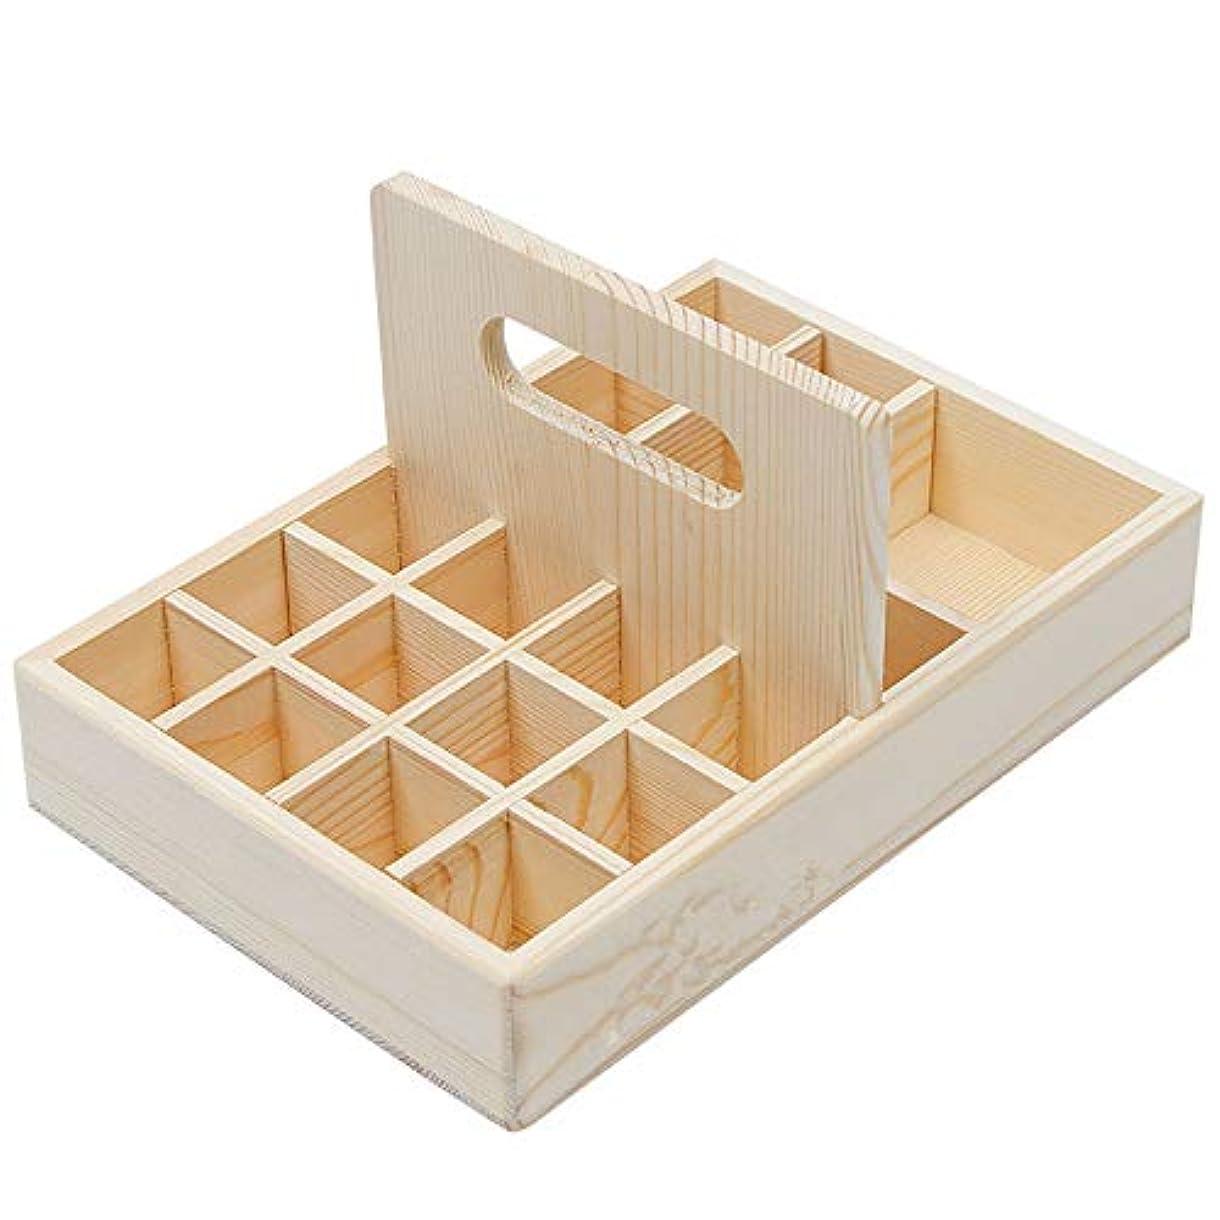 広がり消化器割り込みエッセンシャルオイル収納ボックス エッセンシャルオイル香水コレクションディスプレイスタンド 21本用 木製エッセンシャルオイルボックス メイクポーチ 精油収納ケース 携帯用 自然ウッド精油収納ボックス 香水収納ケース